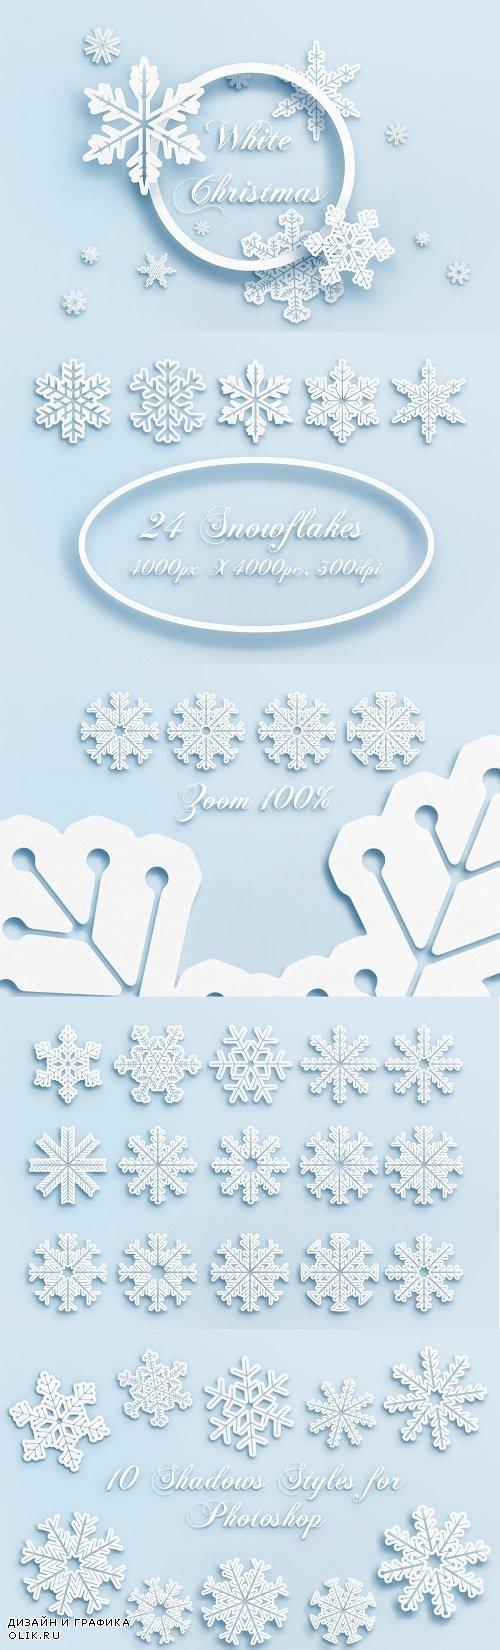 Snowflakes - White Christmas - 4270020